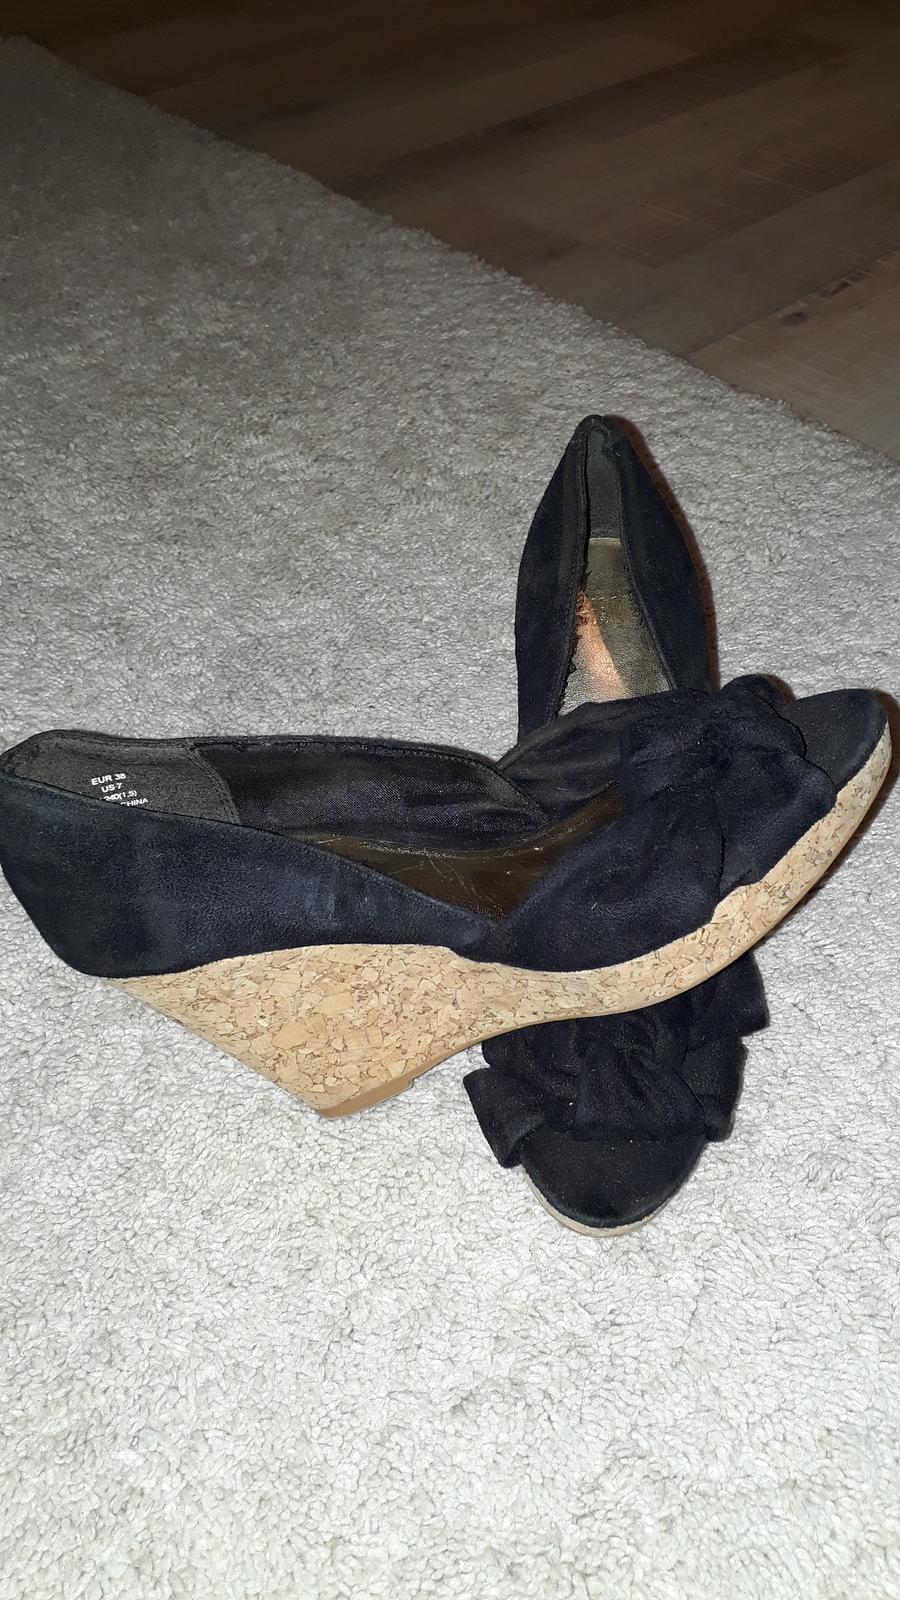 sandale hm na platforme - Obrázok č. 2